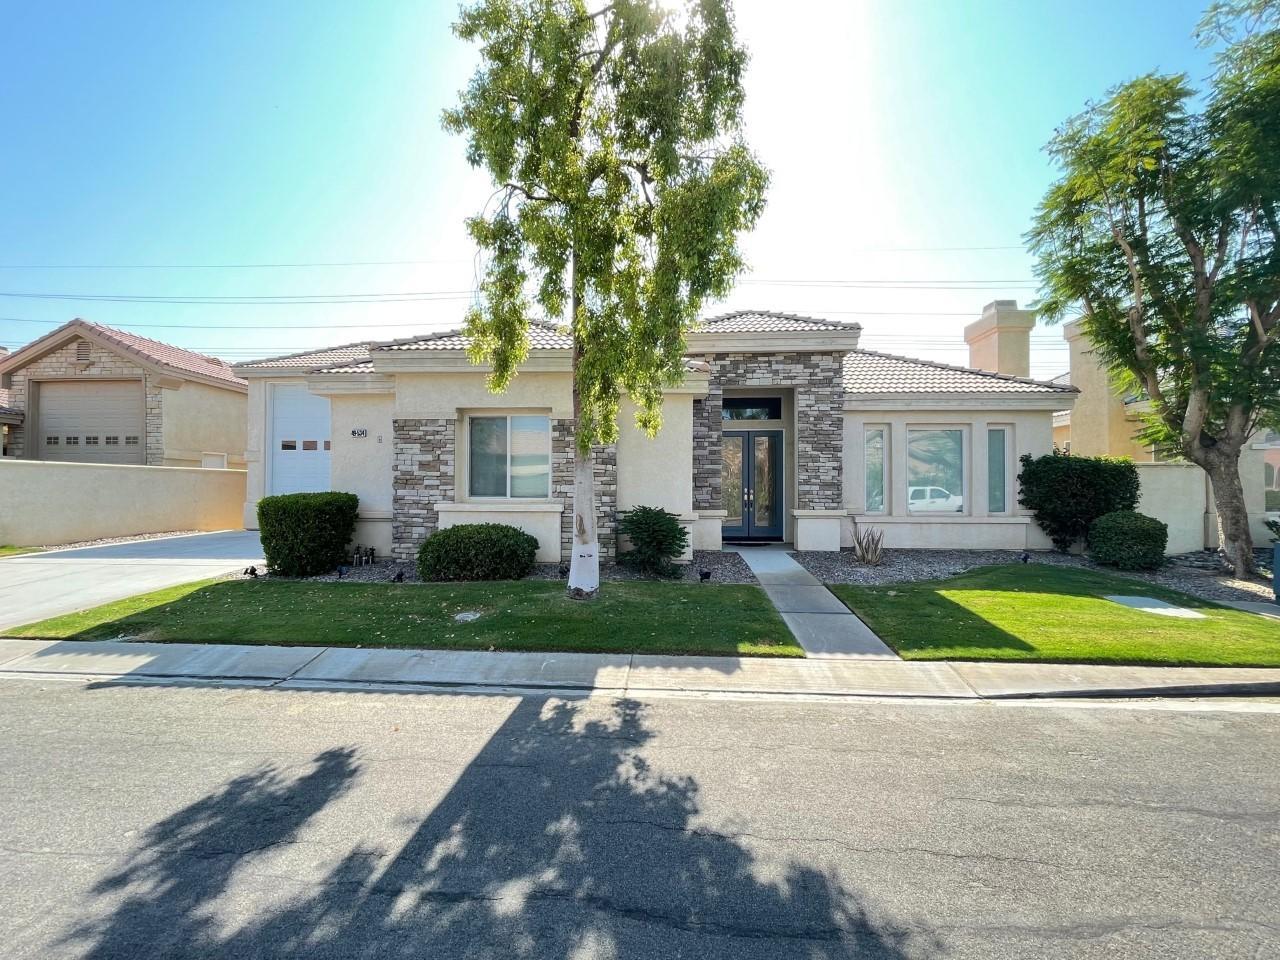 Photo of 49534 Lewis Road, Indio, CA 92201